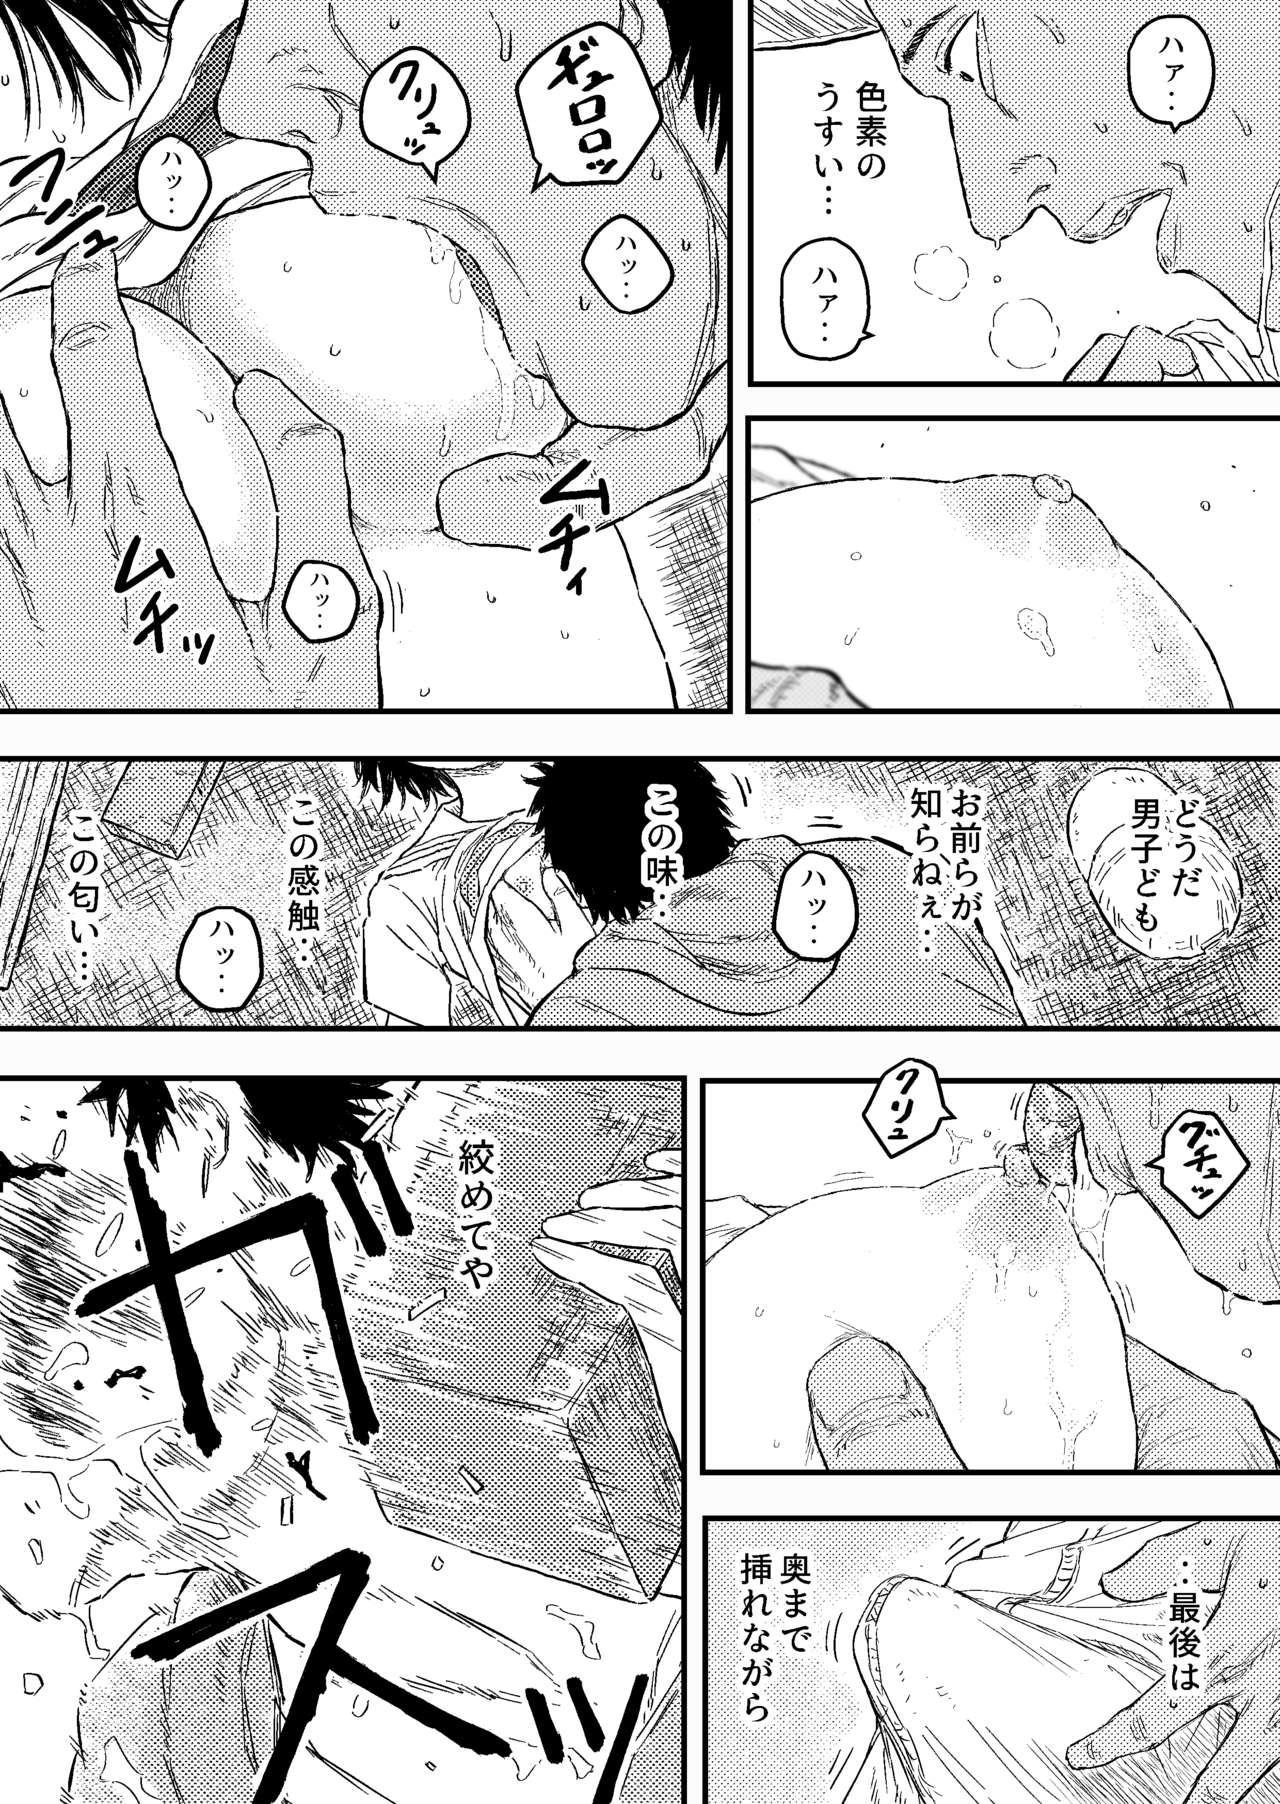 Houkago no Strangler 15